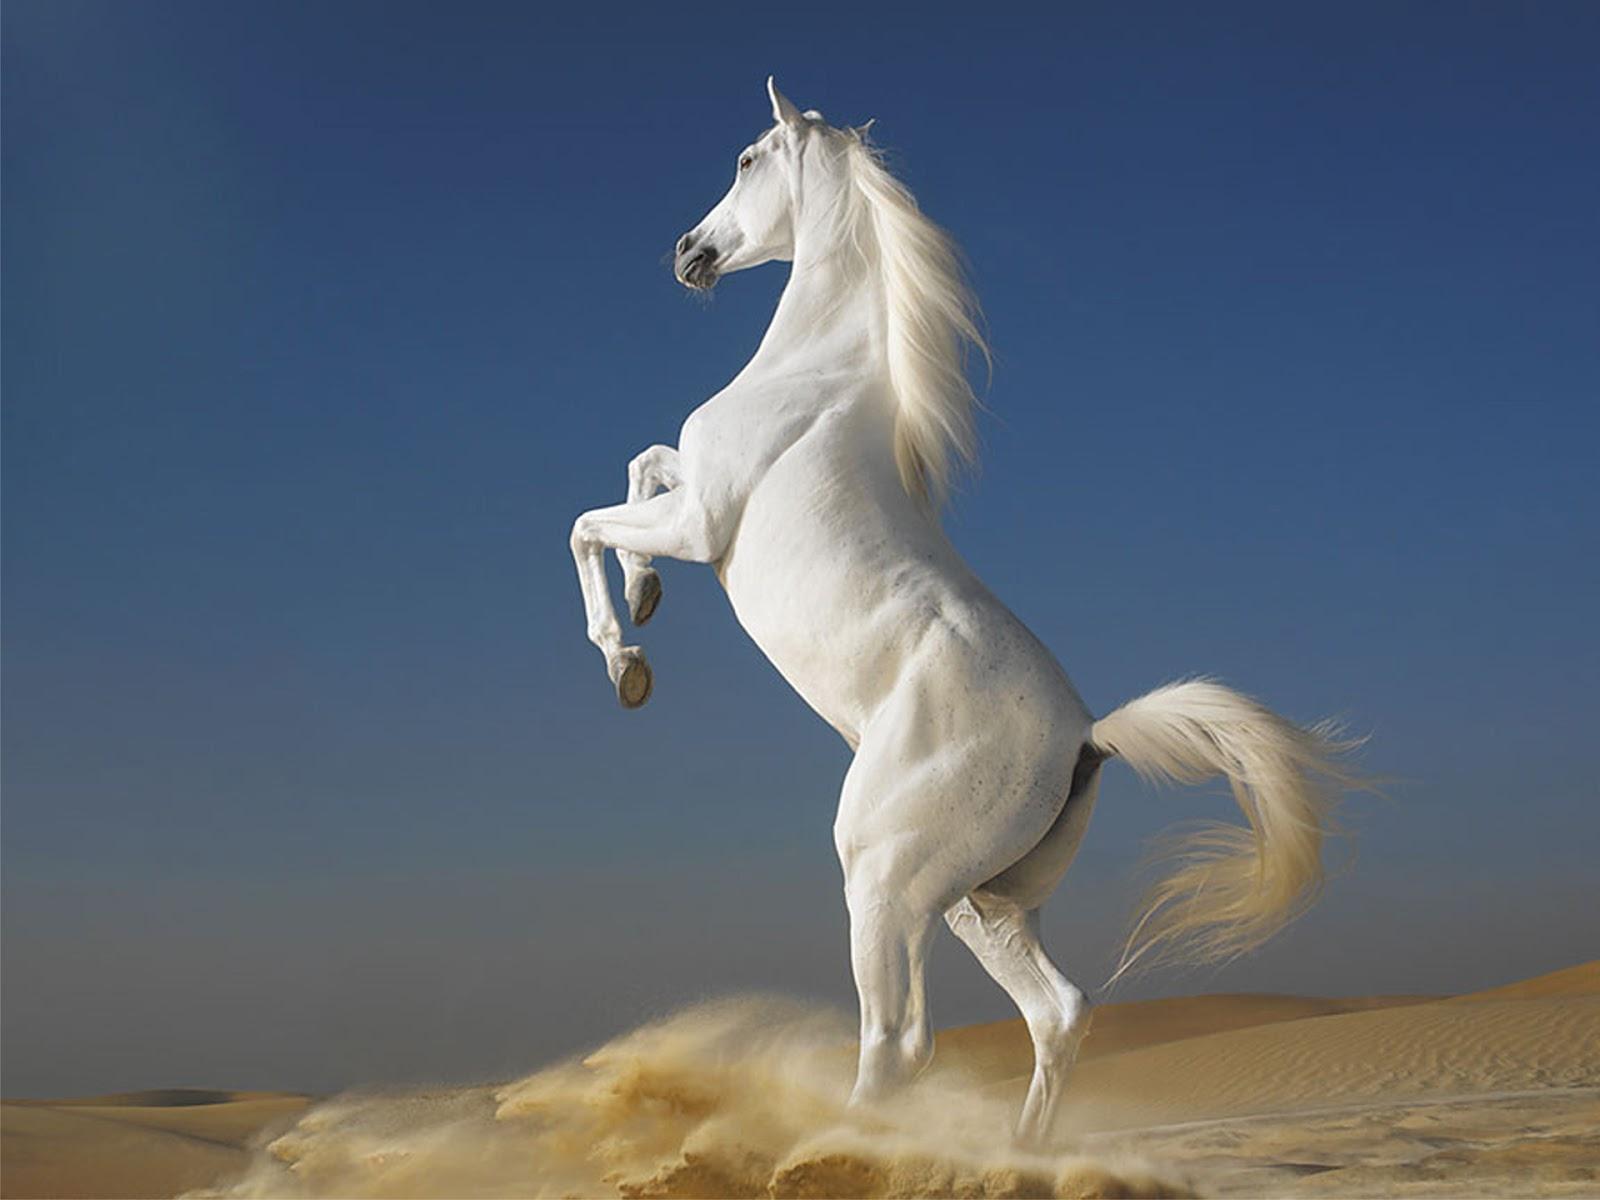 http://2.bp.blogspot.com/-tIkHFd6eaDs/UPuYwsaTgyI/AAAAAAAAHhI/gR3C2llNgKg/s1600/stunt+white+Horse+HD+Wallpape6.jpg